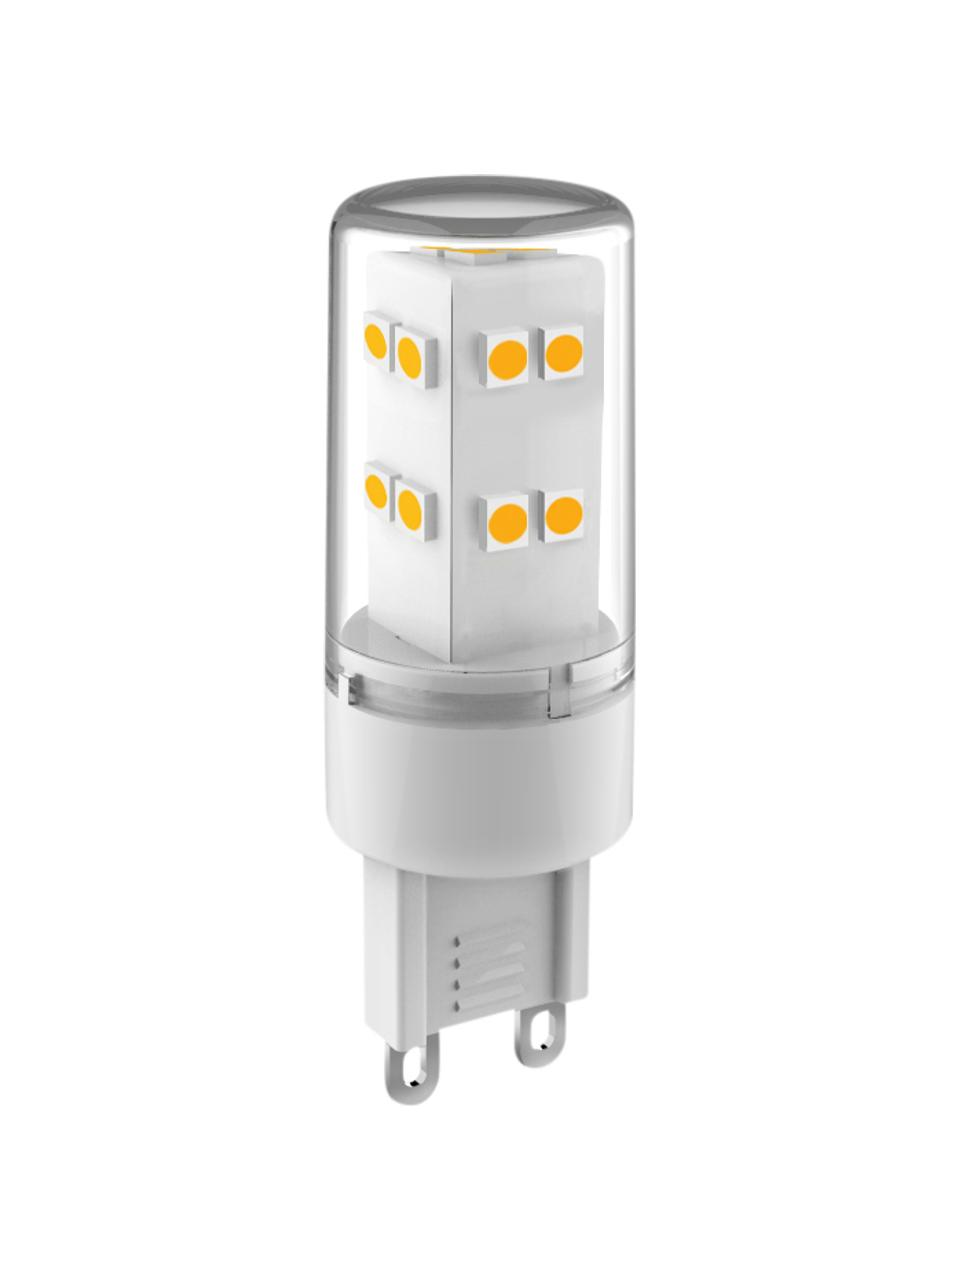 G9 Leuchtmittel, 3.3W, neutrales Weiß, 3 Stück, Leuchtmittelschirm: Glas, Leuchtmittelfassung: Aluminium, Transparent, Ø 2 x H 6 cm